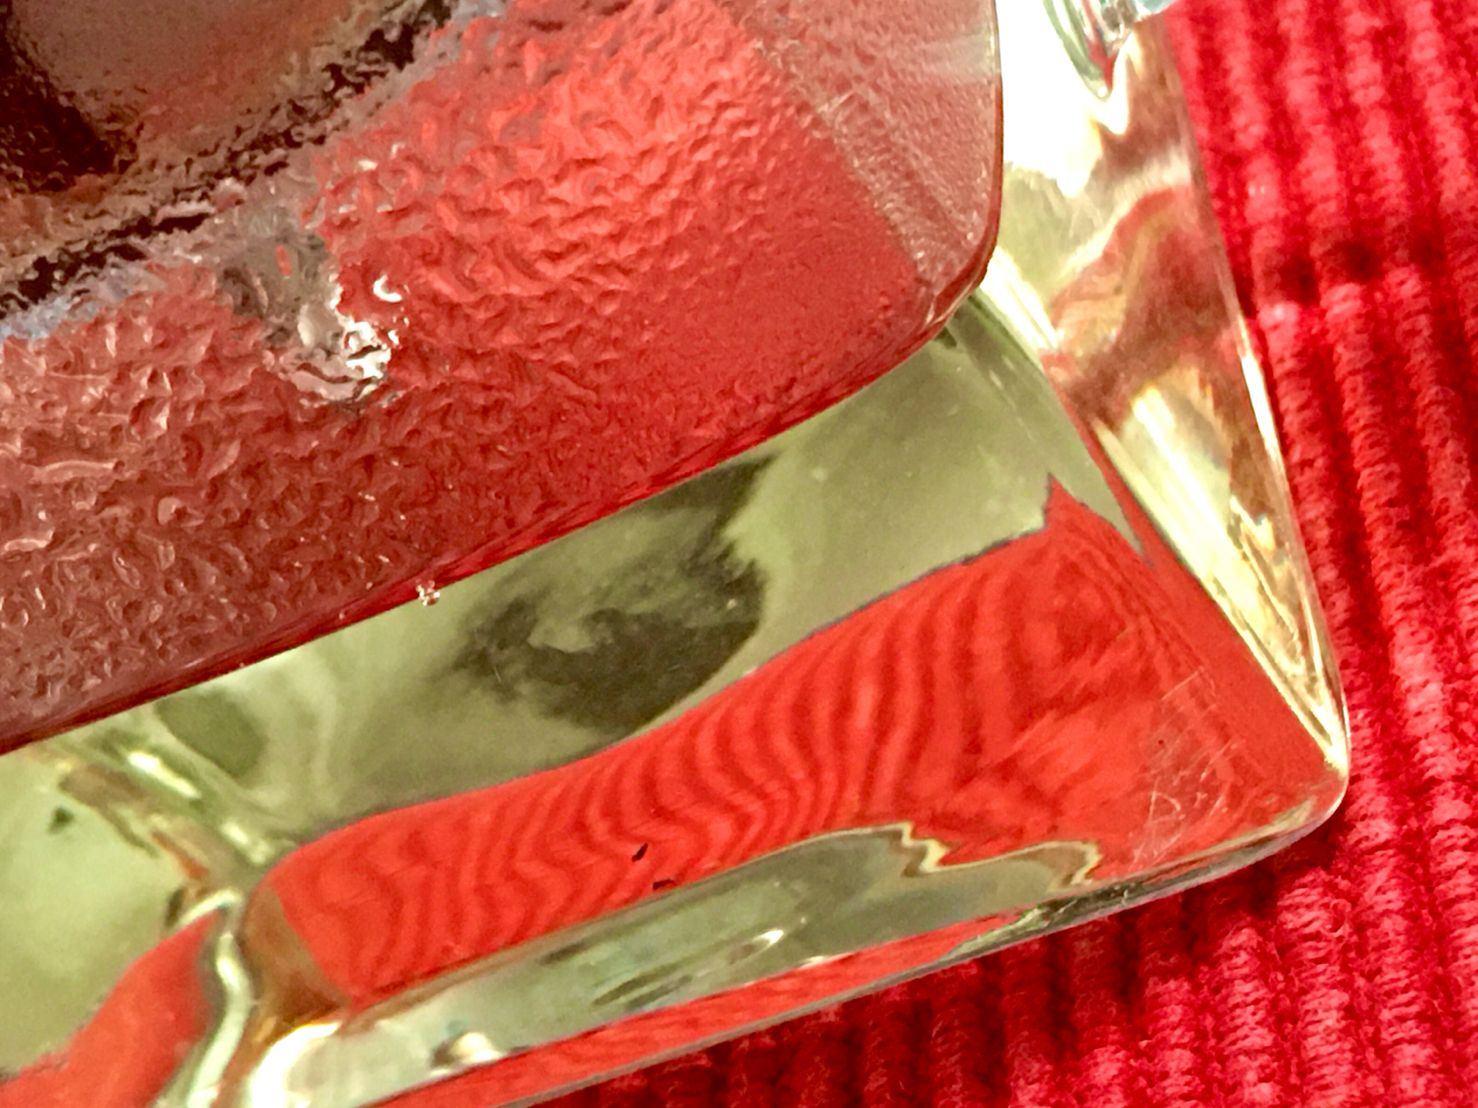 Zá Jiāo Bái Chá, 杂交白茶, Hybridized White Tea